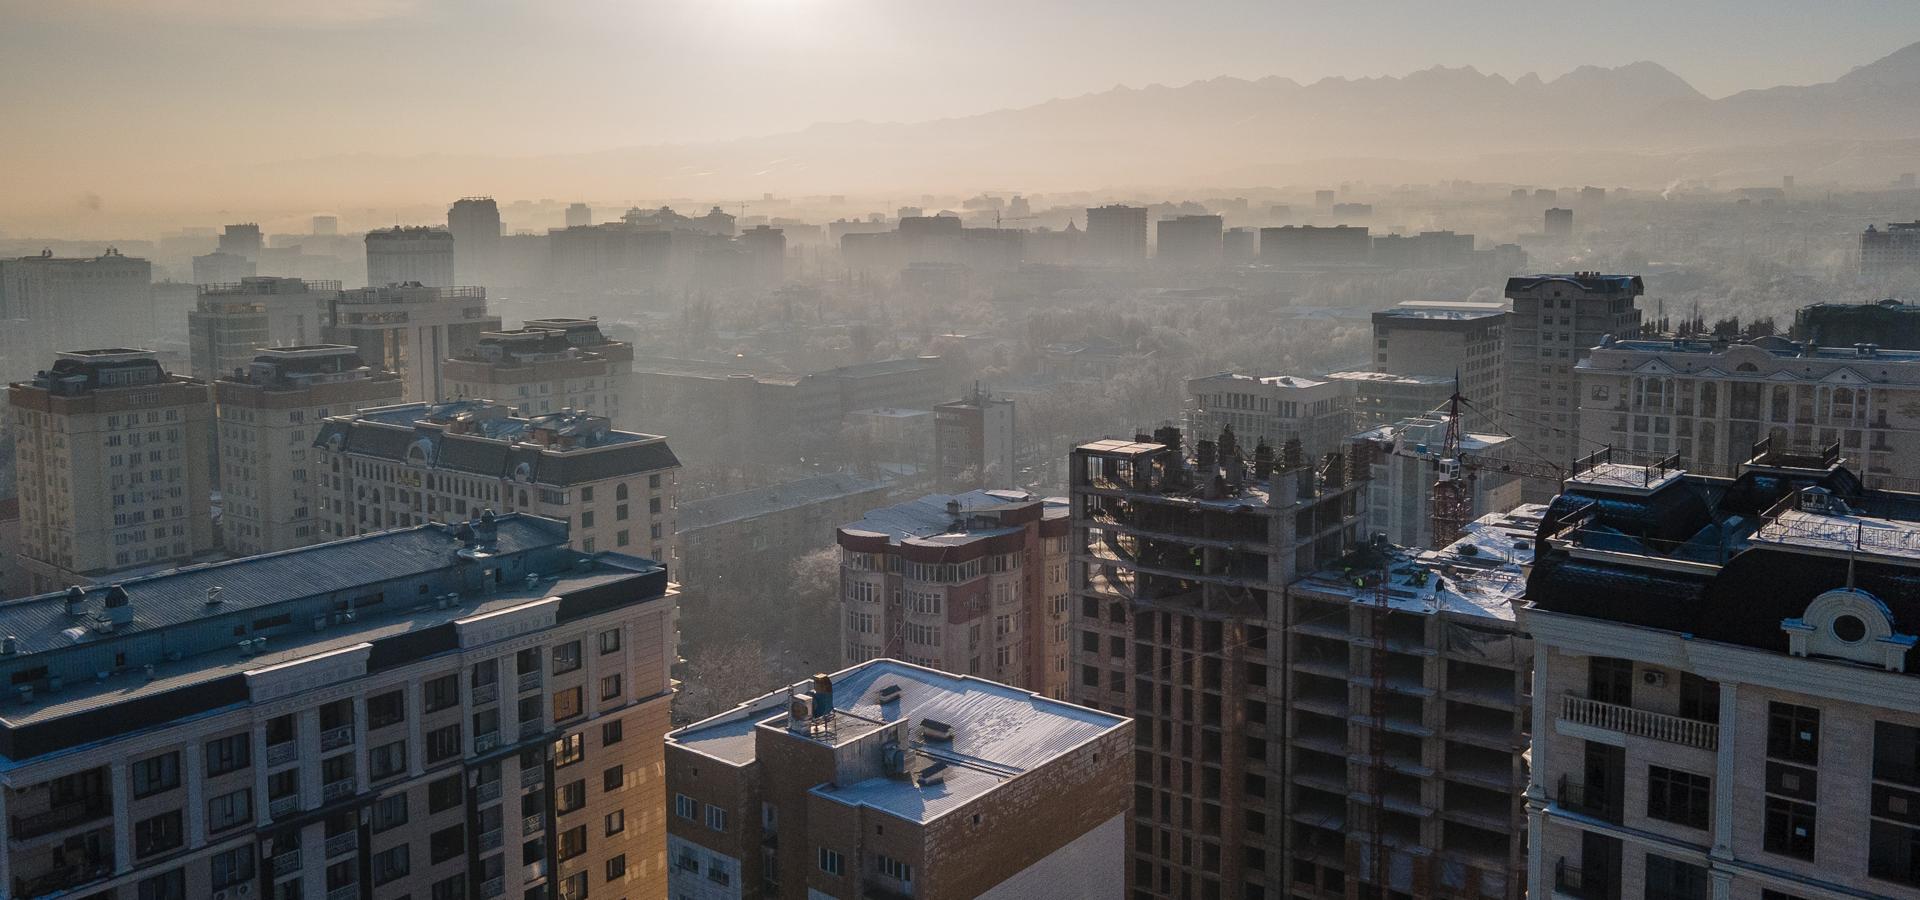 Bishkek, Chuy Region, Kyrgyzstan